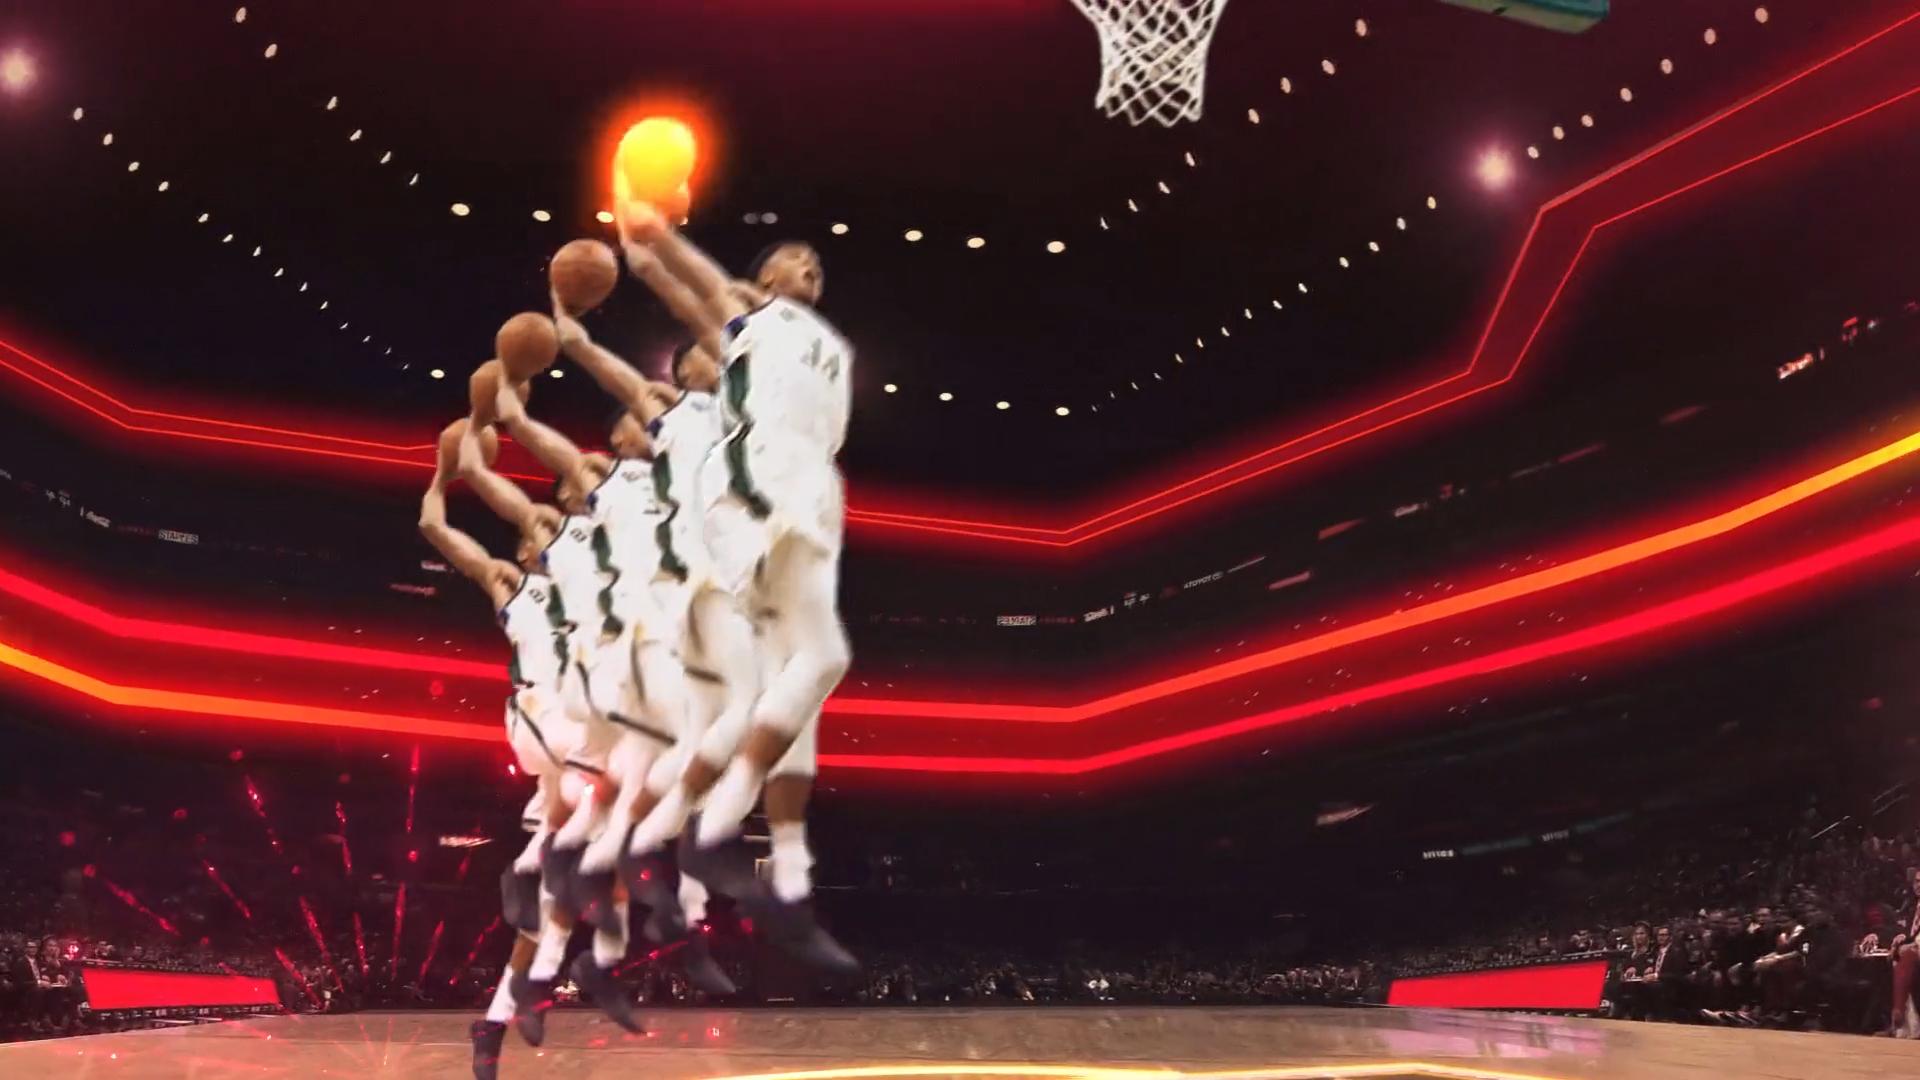 NBA CNY